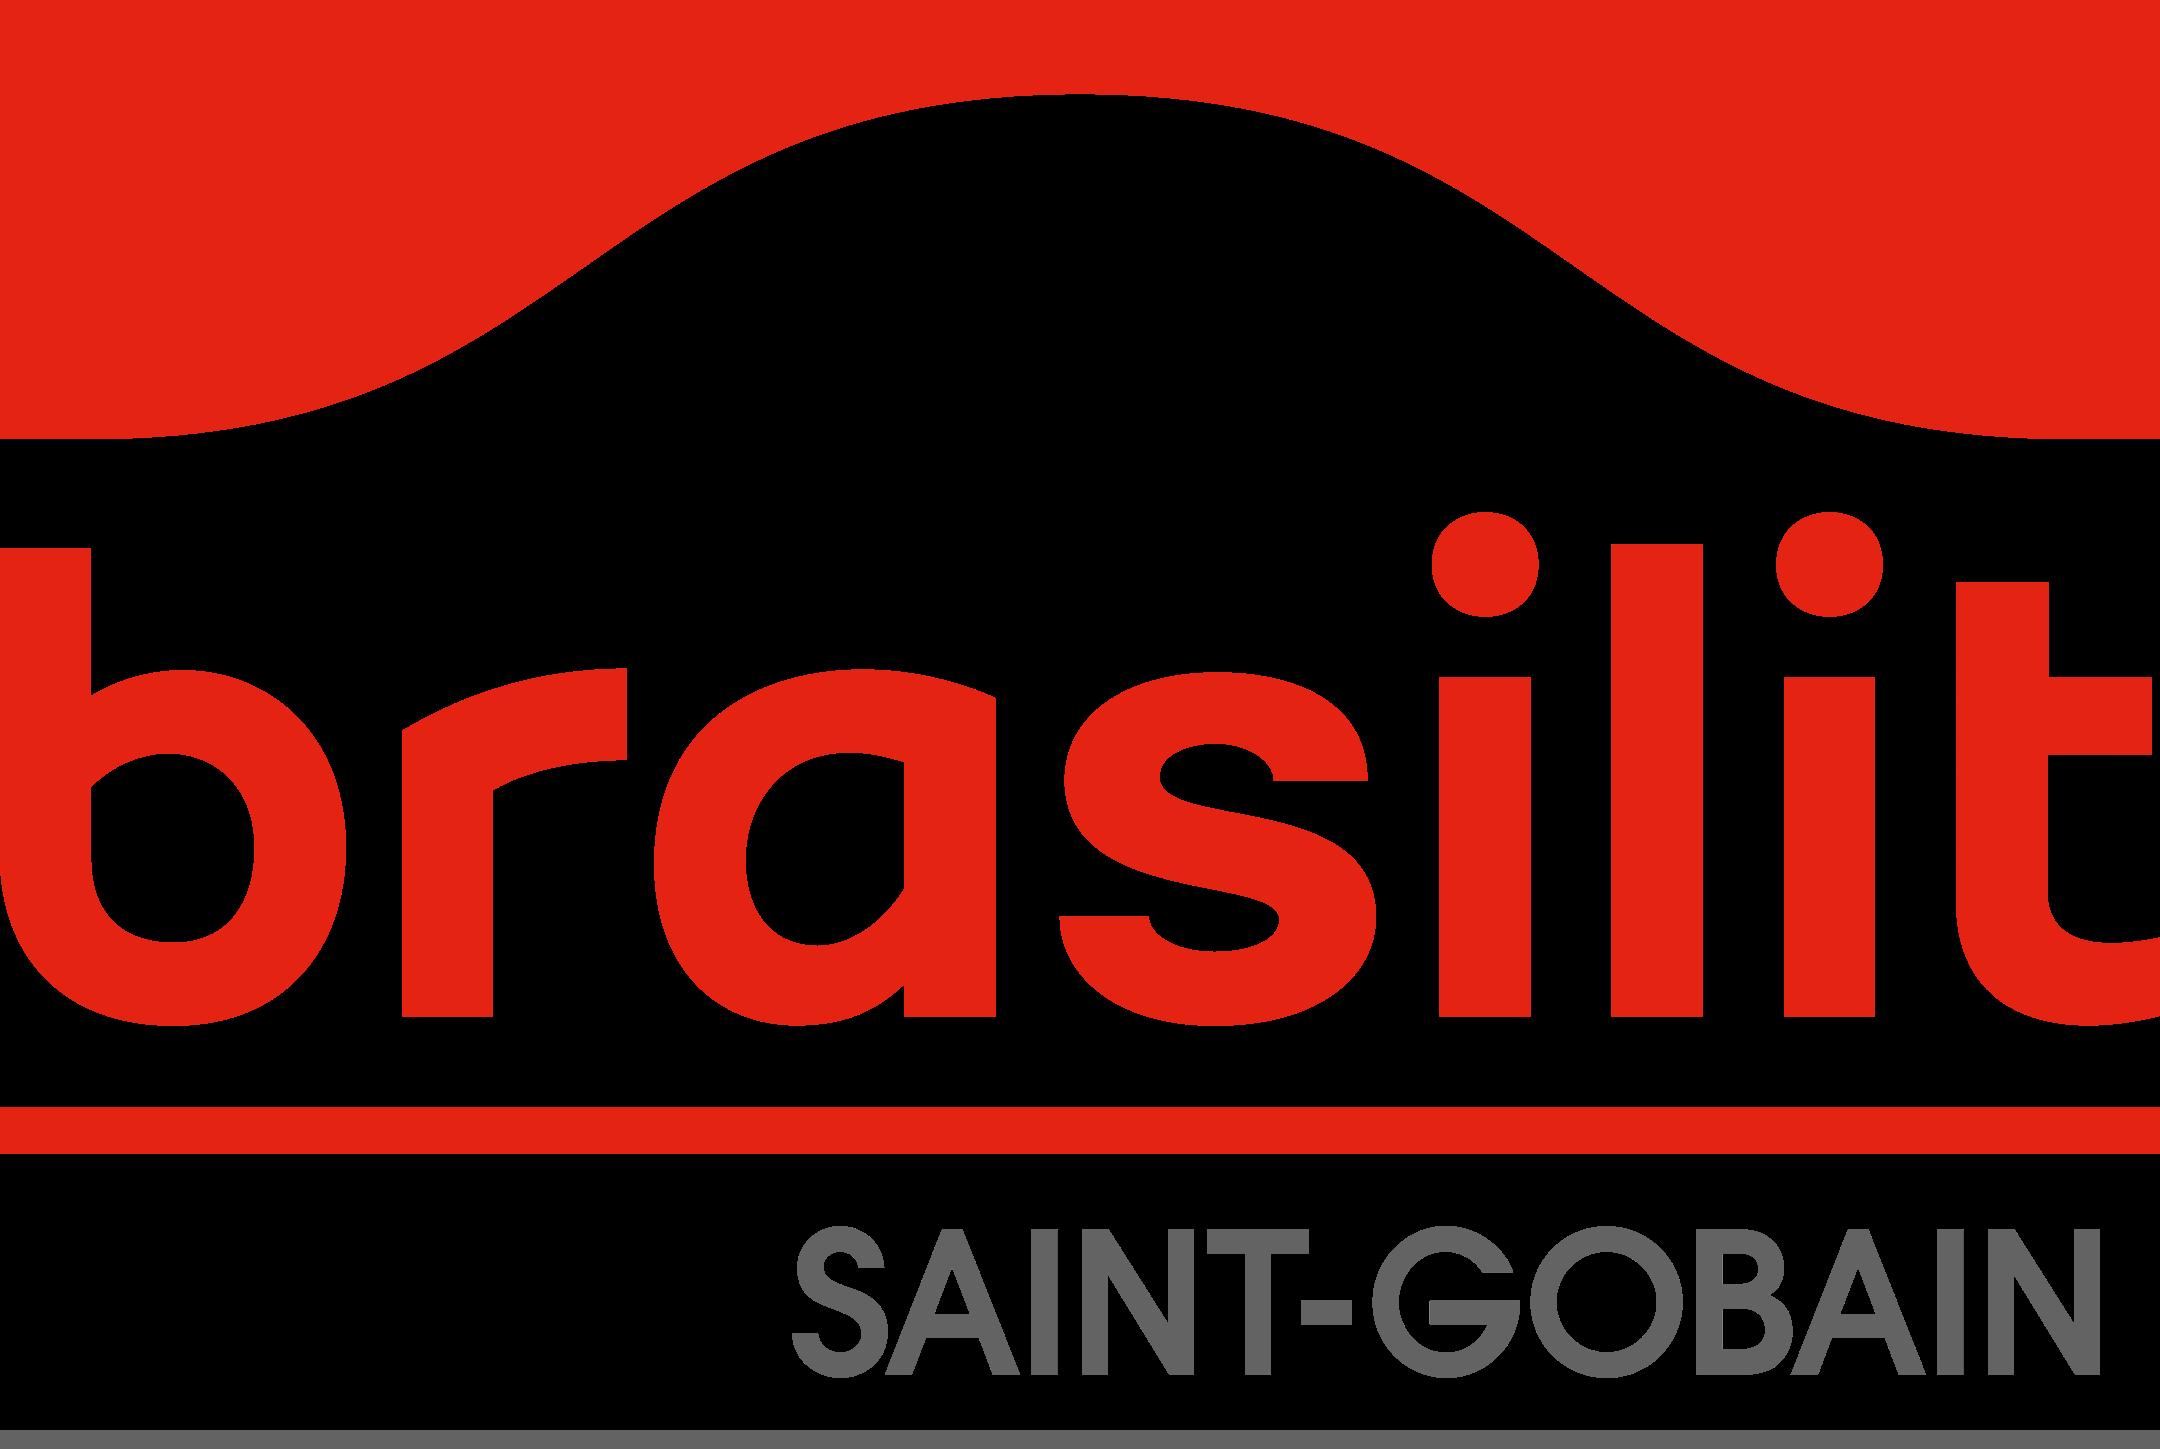 brasilit logo 1 - Brasilit Logo